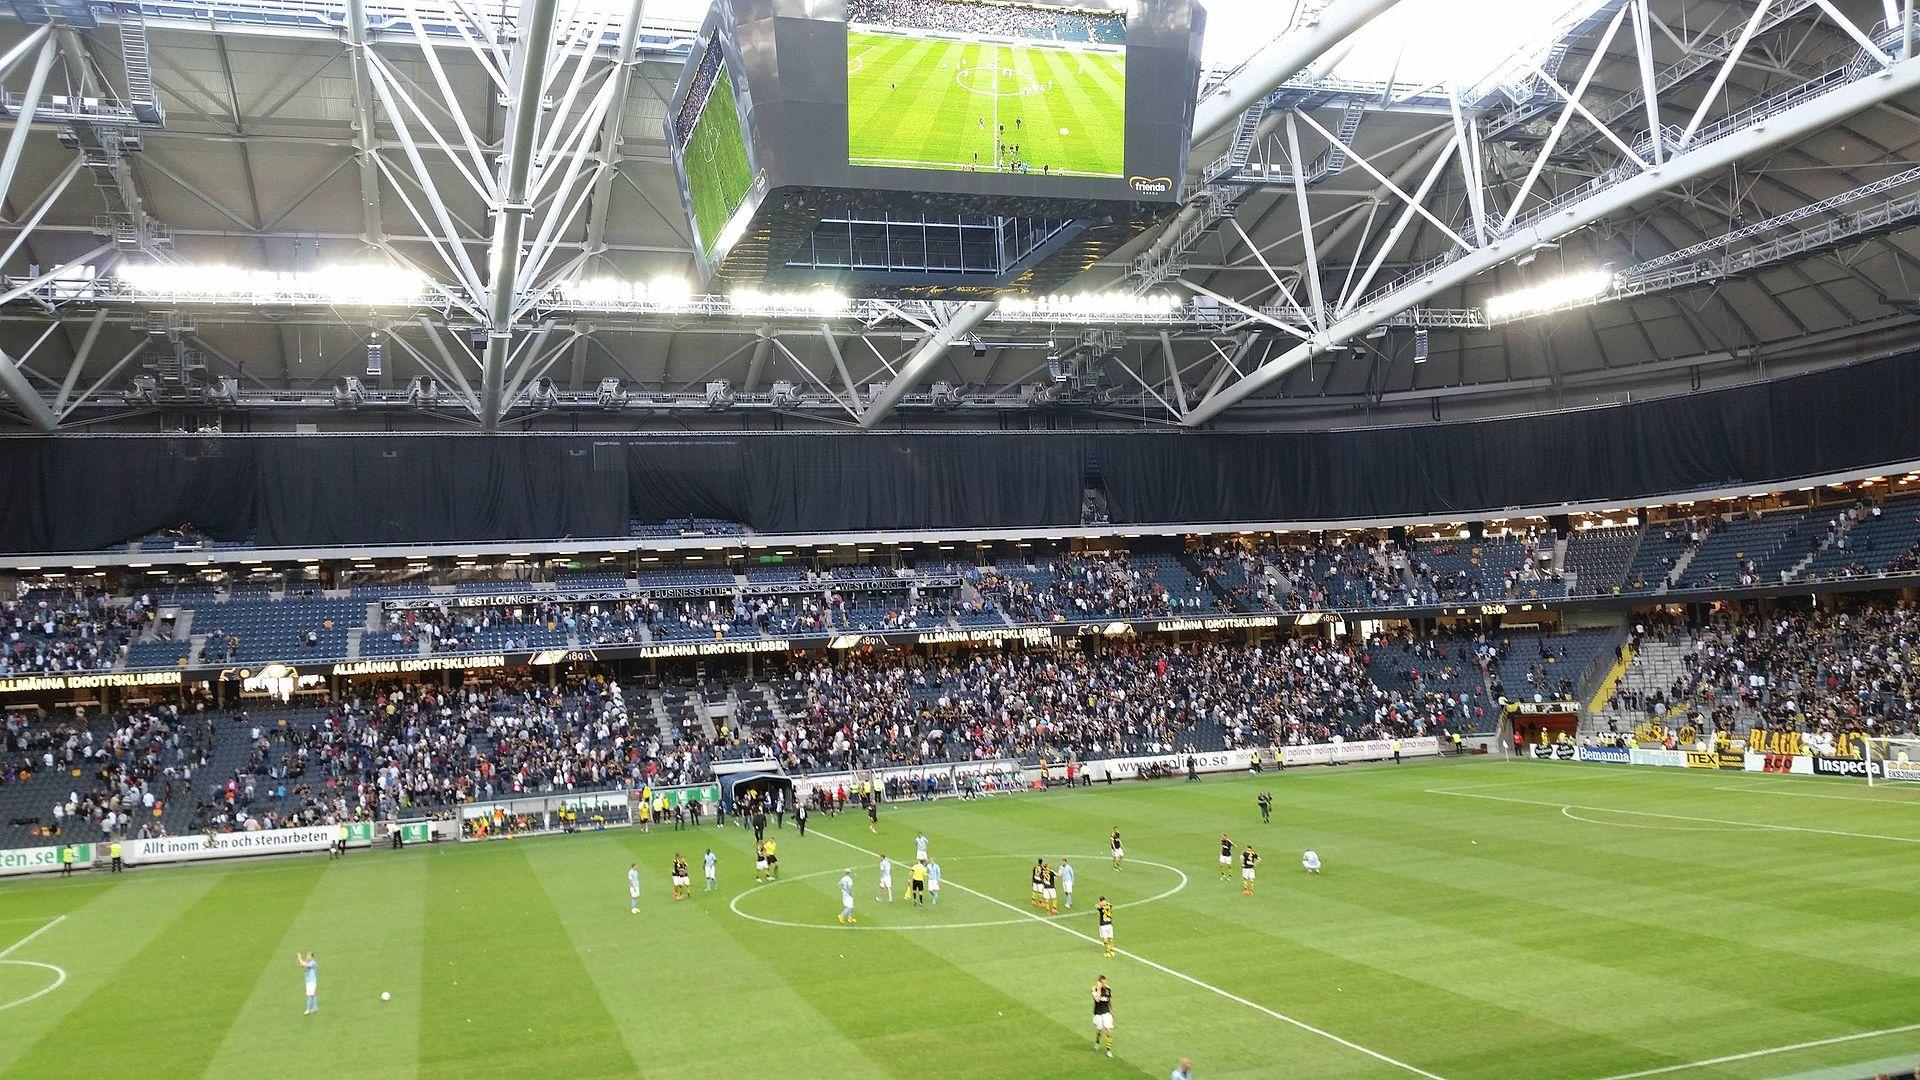 Svenska fotbollsklubbar med många fans – AIK